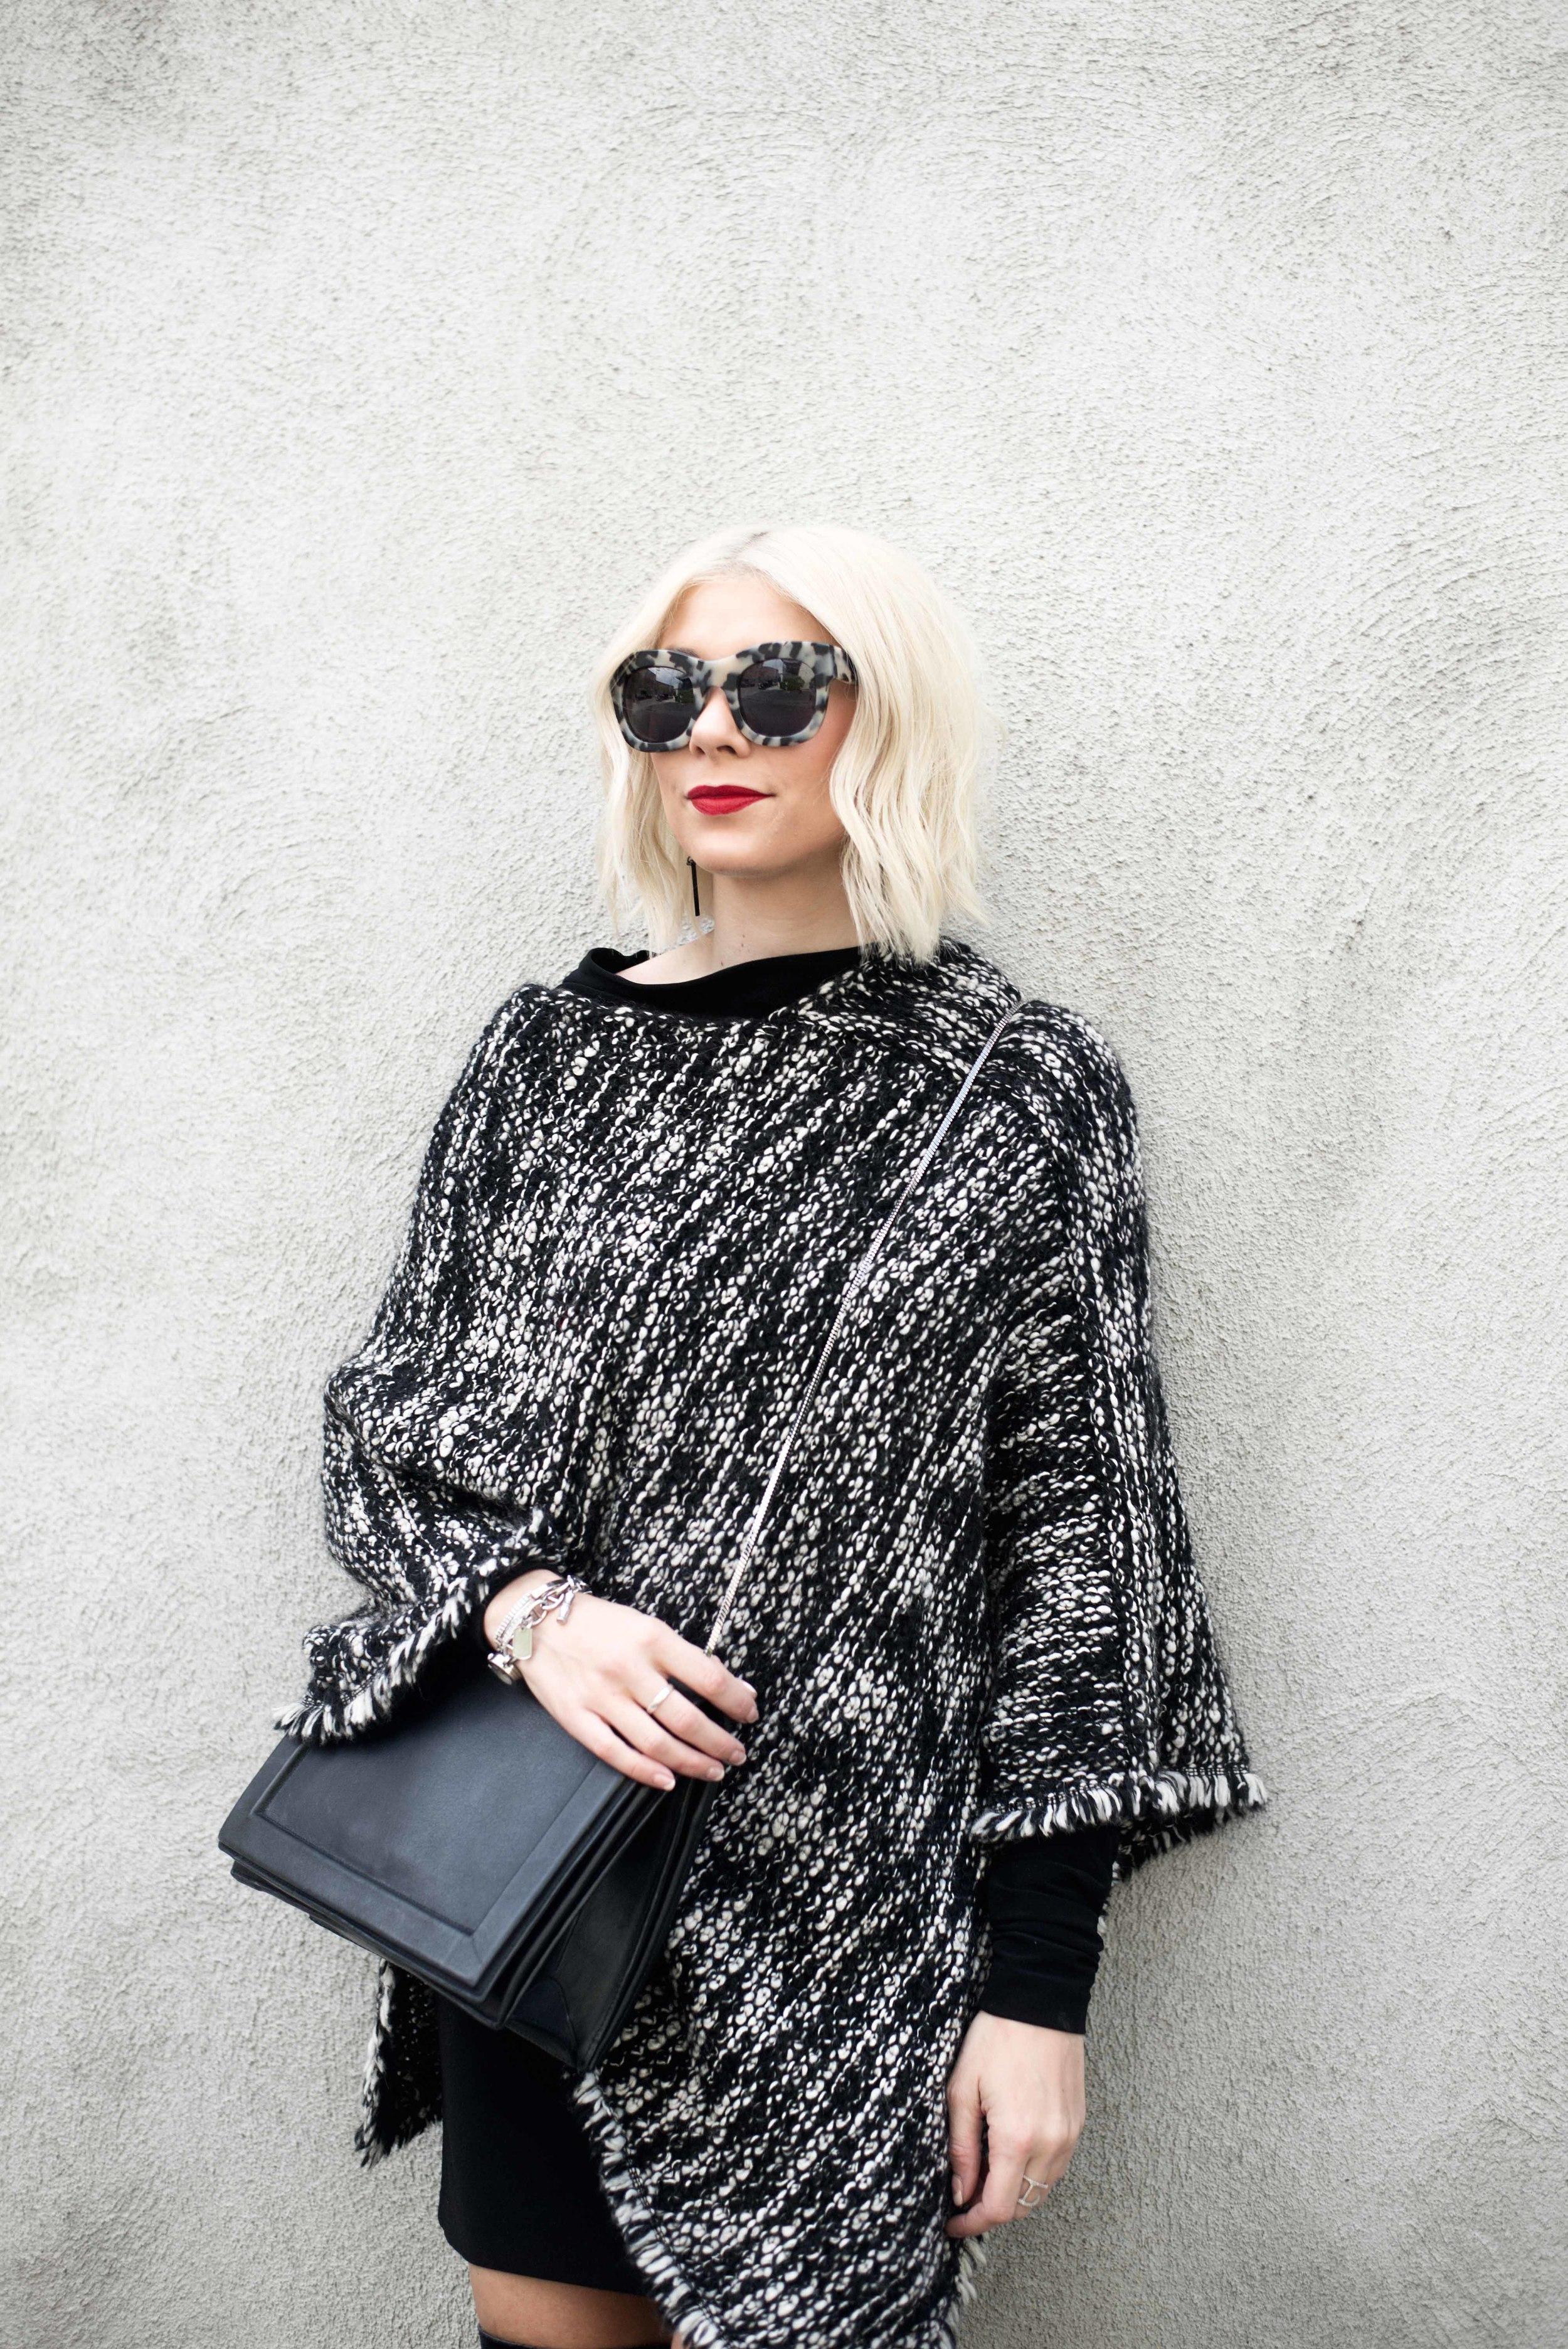 Fashion Photographer Alecia Lindsay